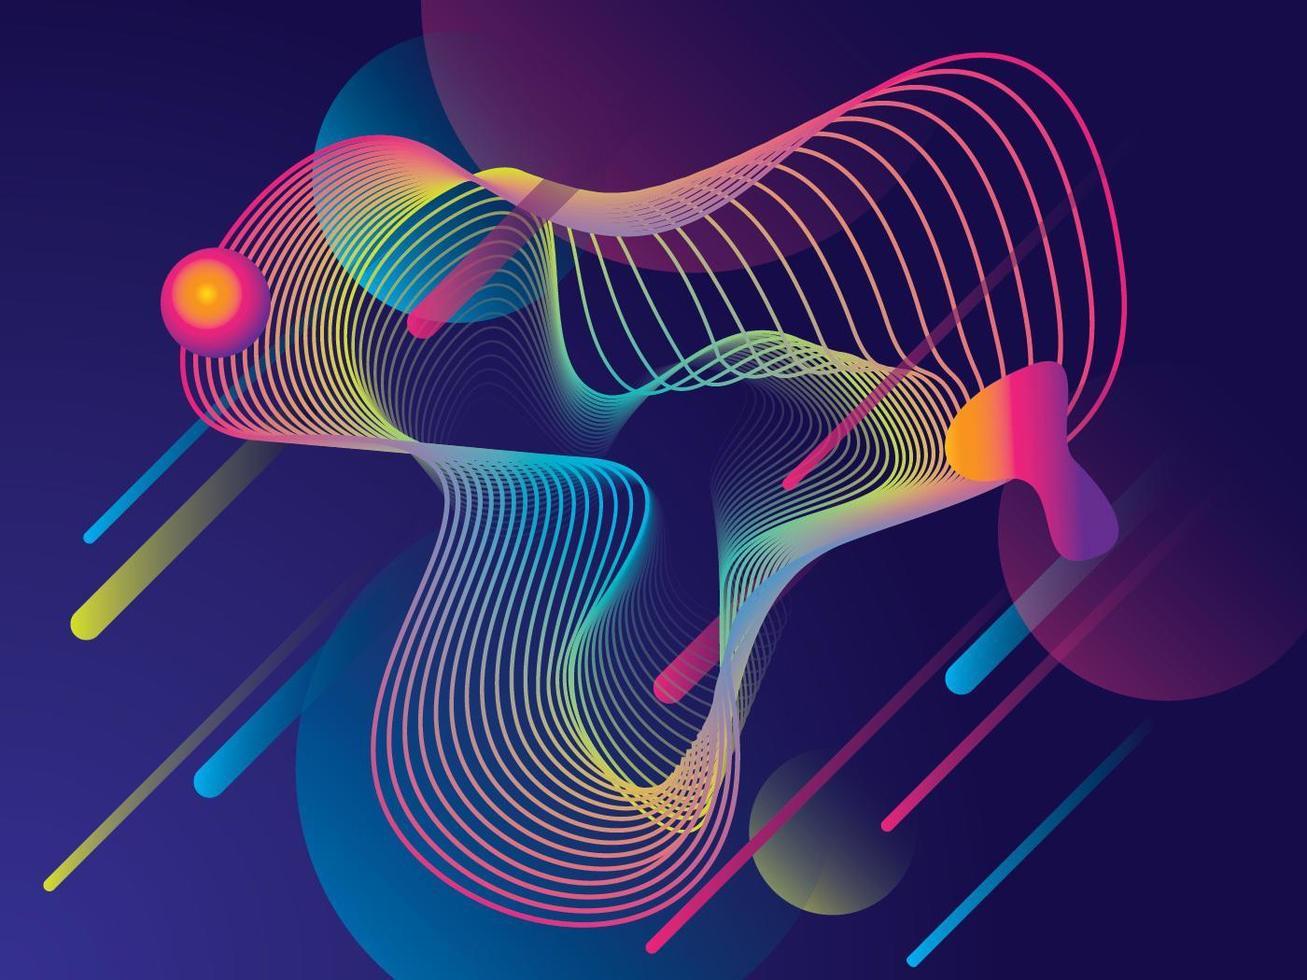 Kleurrijk gradiënt geometrisch ontwerp als achtergrond vector